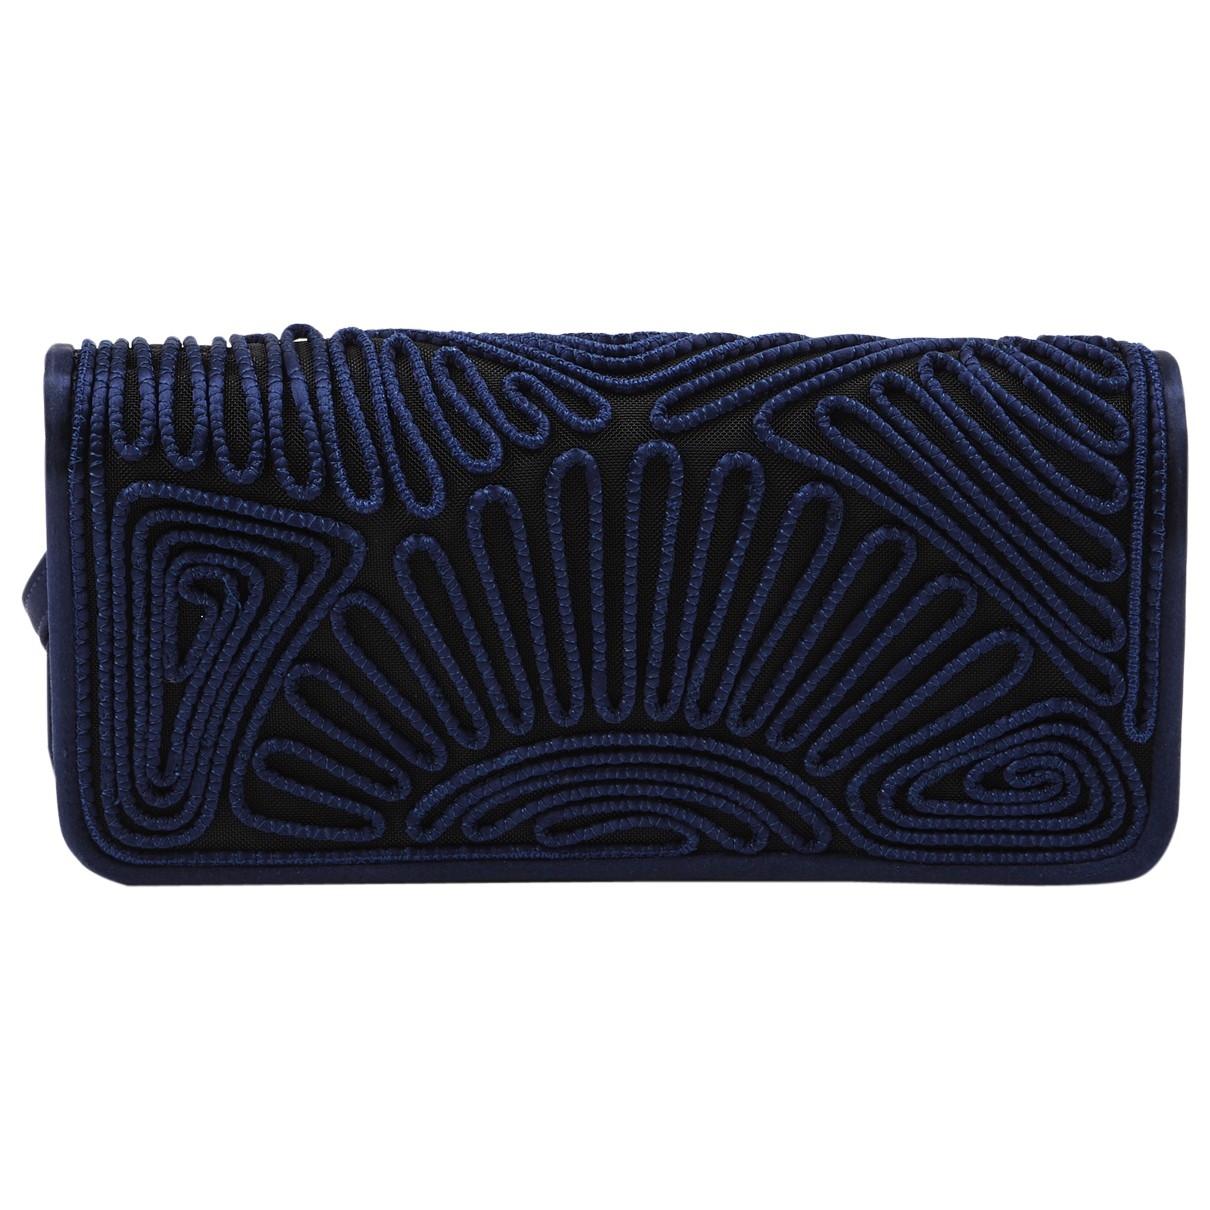 Alberta Ferretti \N Navy Cloth handbag for Women \N